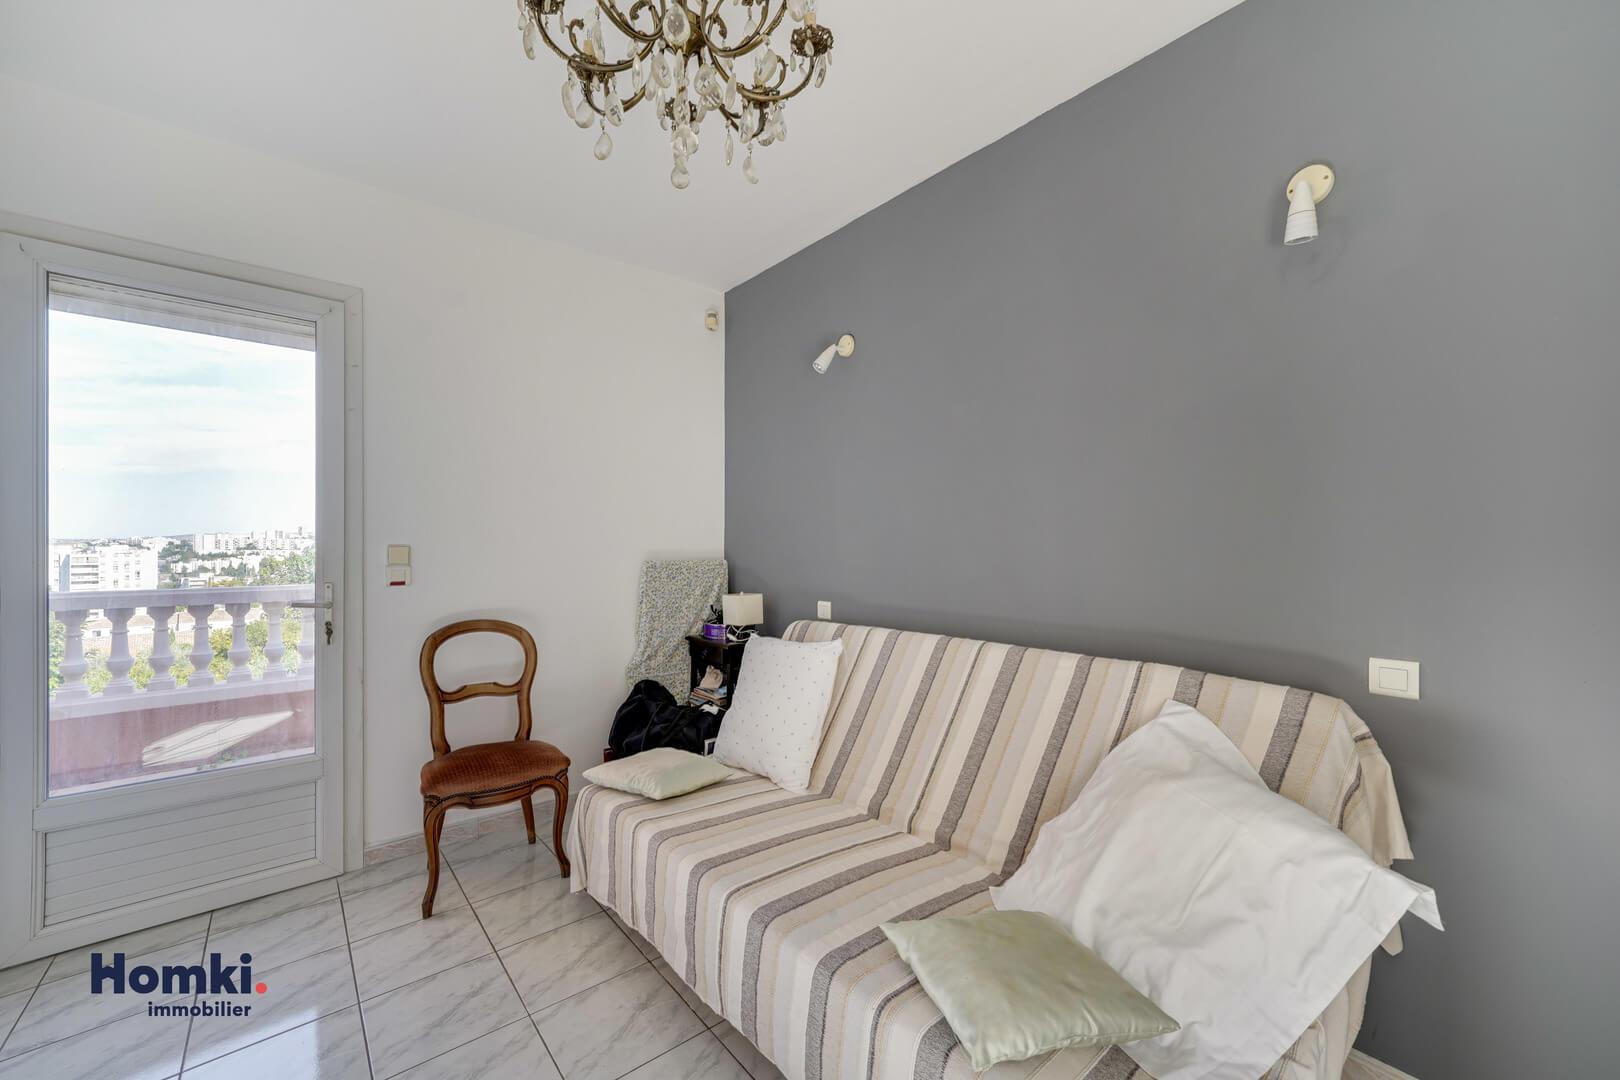 Vente Maison 105 m² T6 13011 Marseille_10